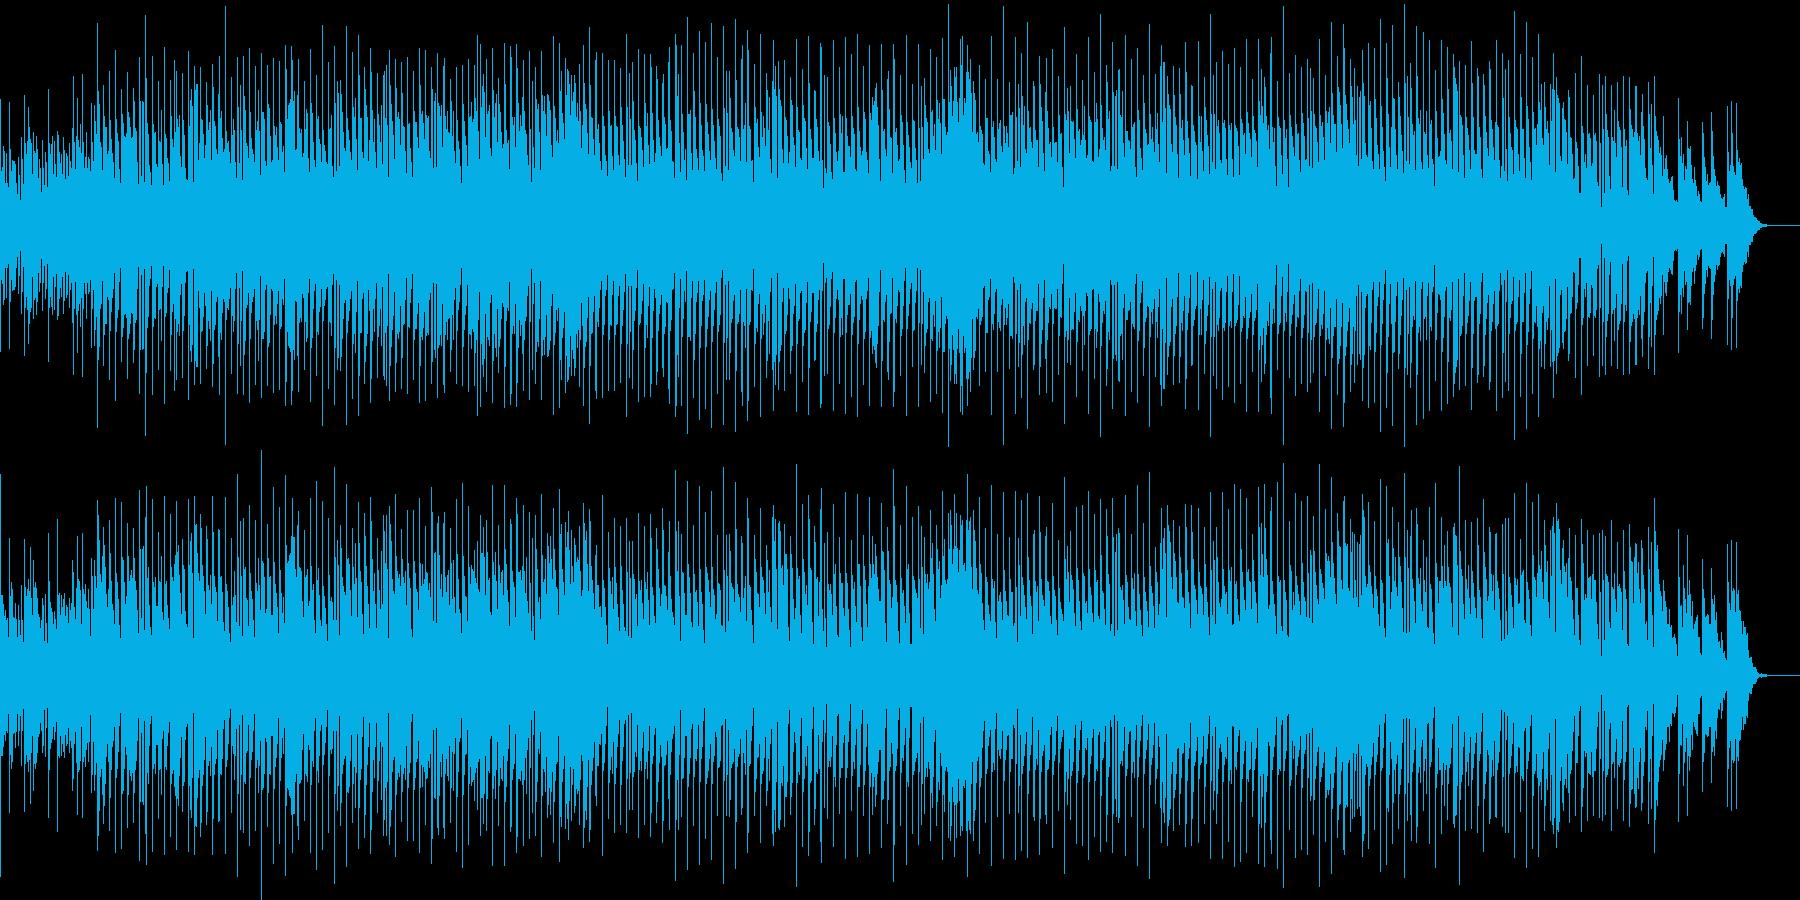 軽快なリズムと耳に残るフレーズのBGMの再生済みの波形